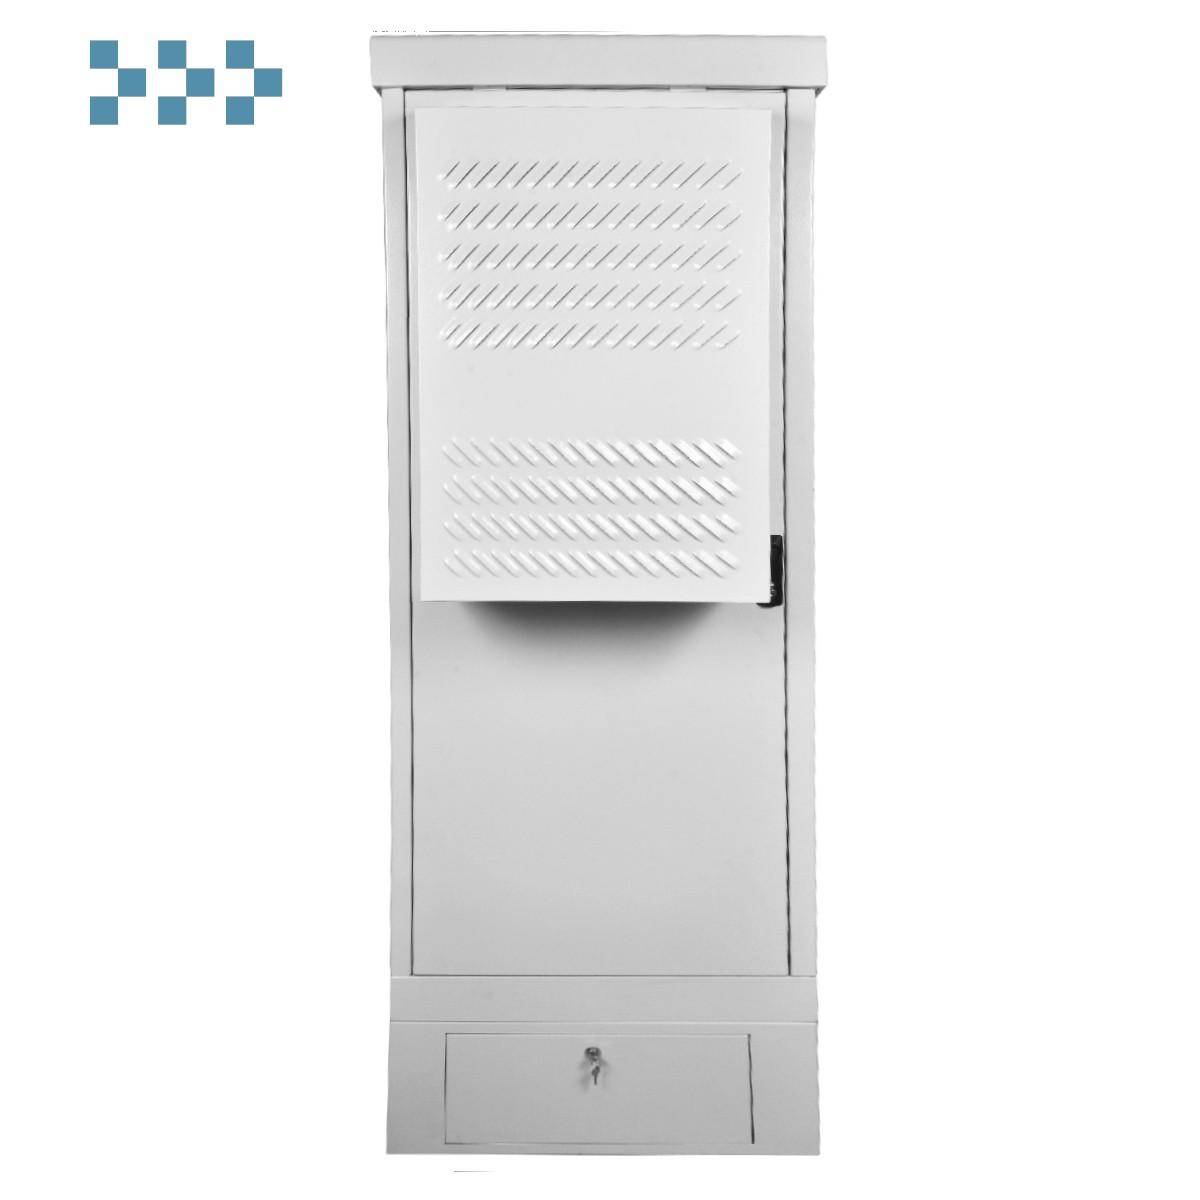 Шкаф уличный всепогодный напольный укомплектованный 18U ЦМО ШТВ-1-18.7.6-К3АА-ТК